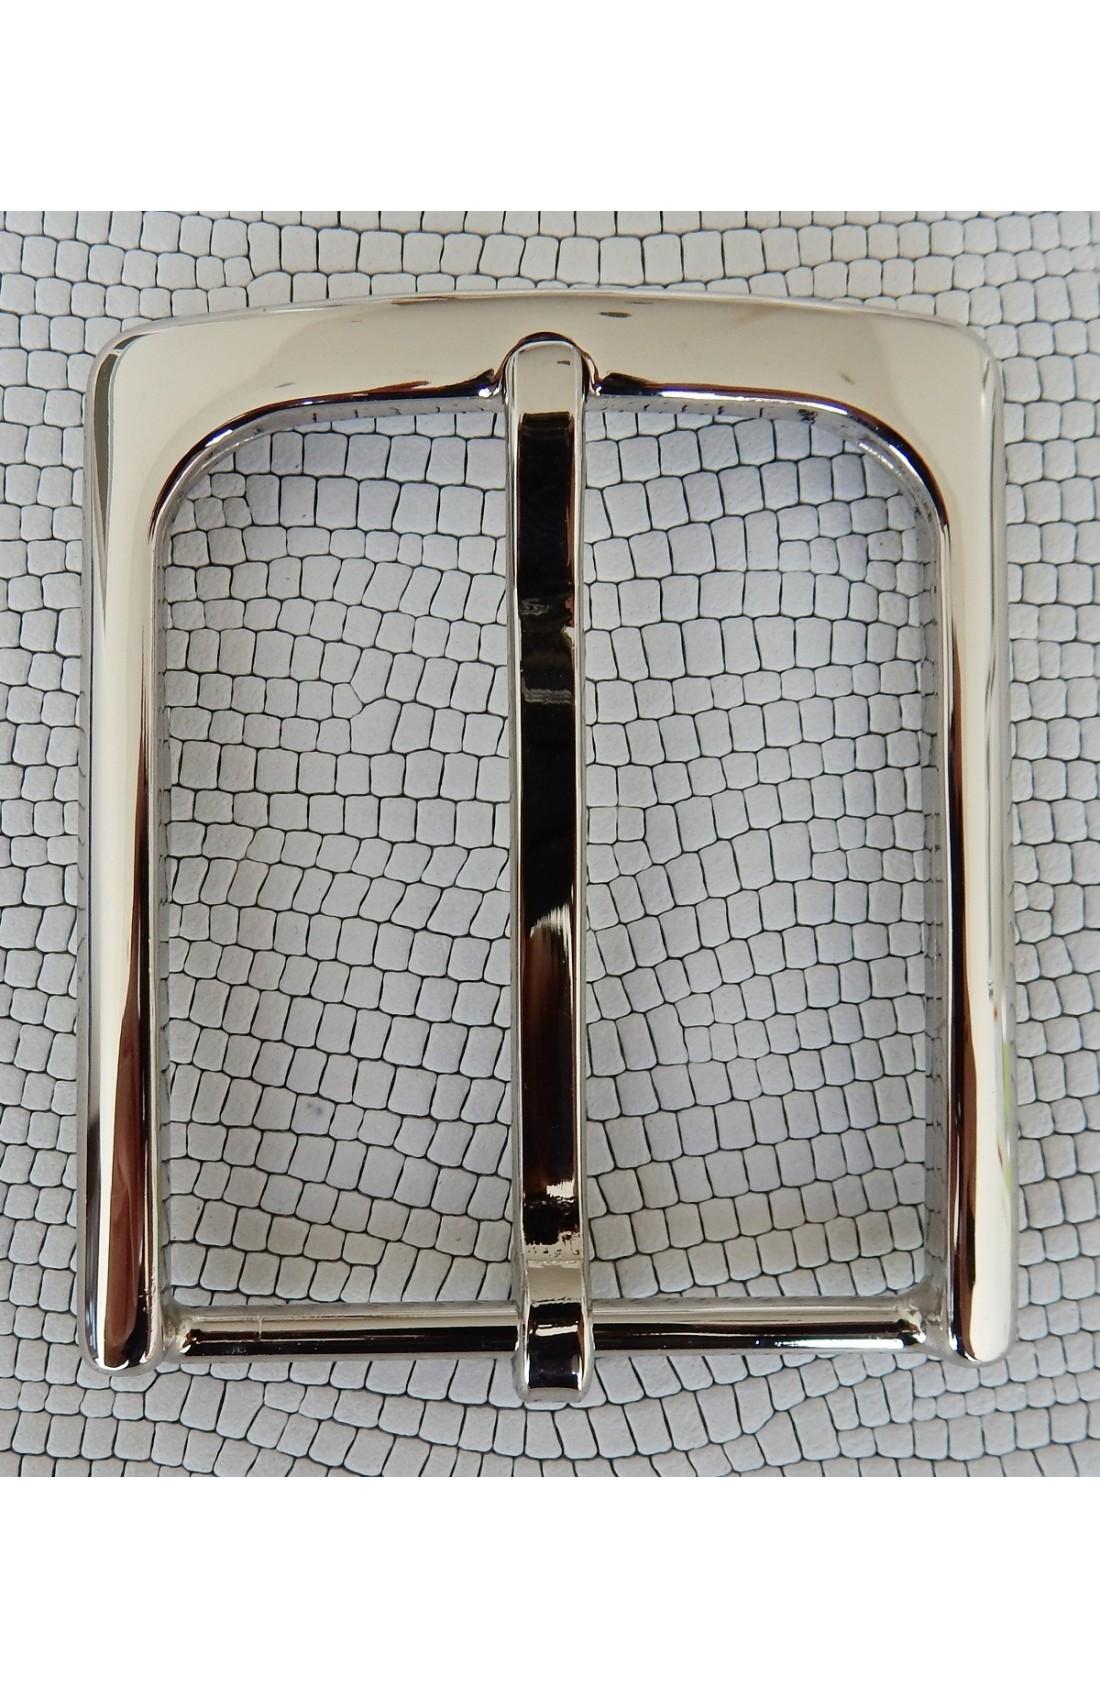 Fibbia Standard N 13 mm.40 nikel free (1)